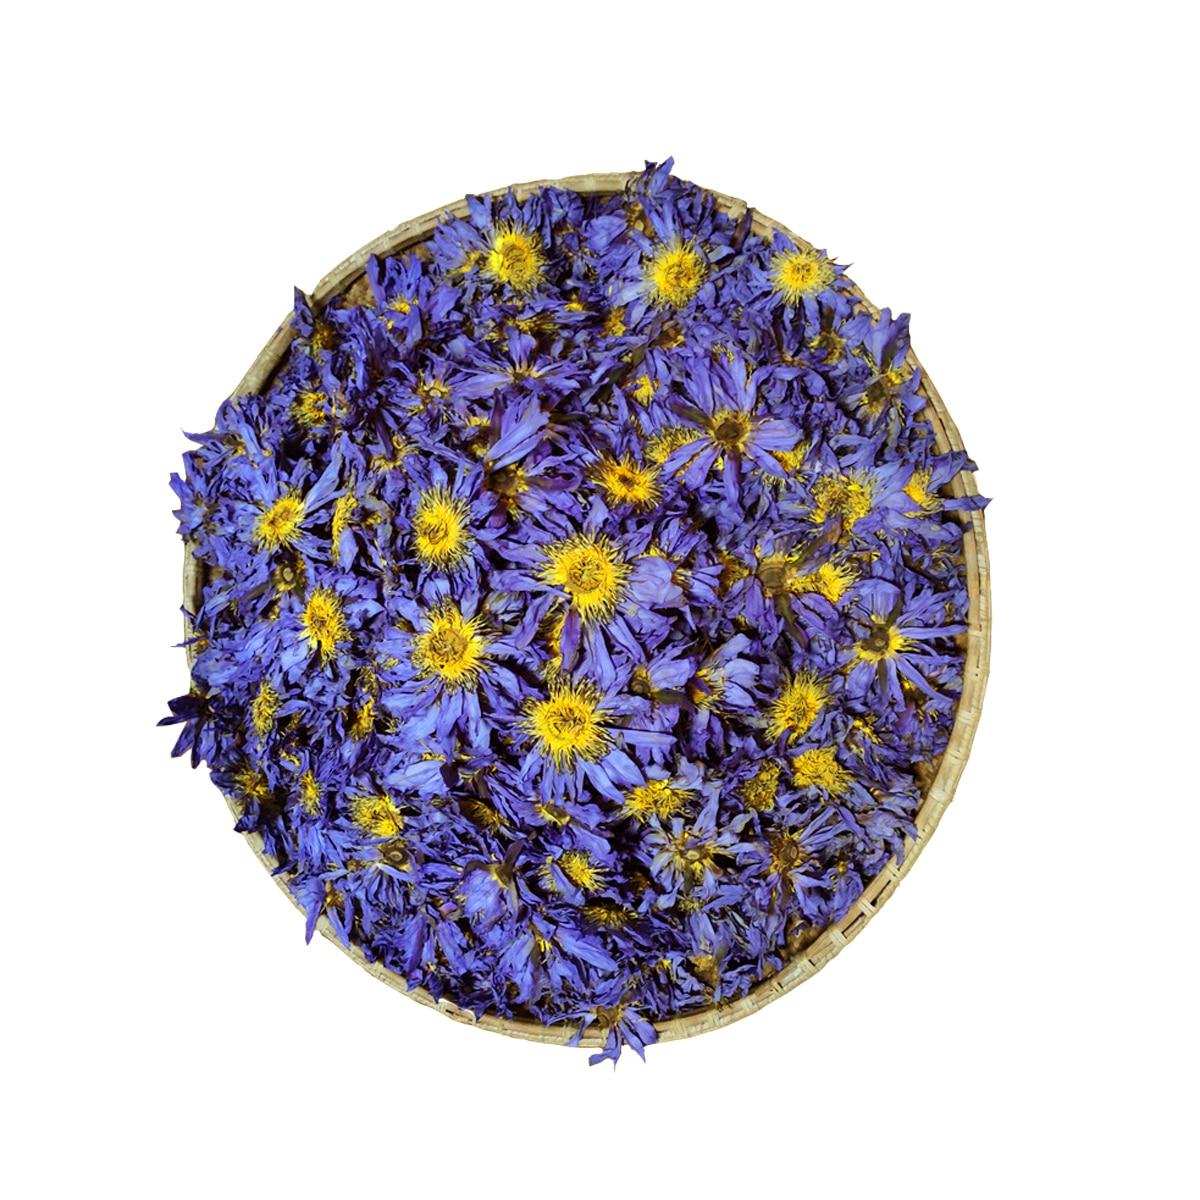 Органический синий Лотос, сушеный, цельный Цветущий цветок Нимфа